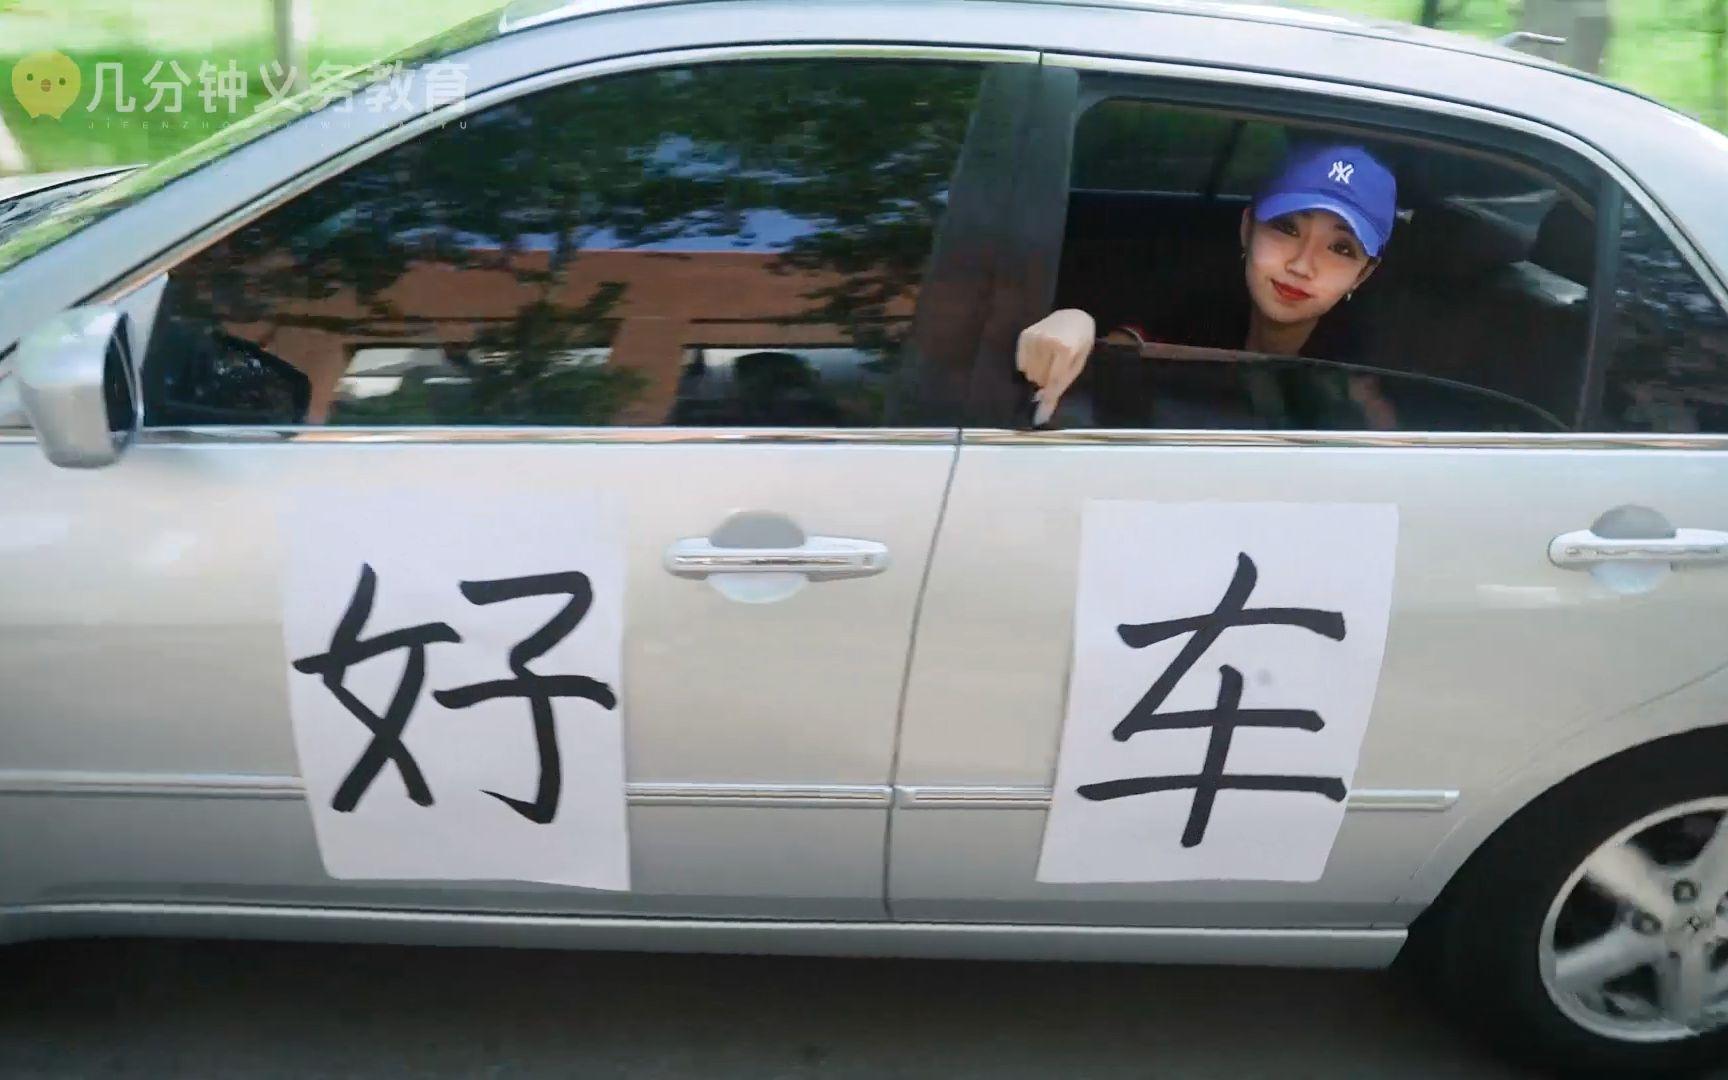 刚毕业小年轻用车系列之他用3万块, 买了辆二手雅阁——【几分钟义务教育】